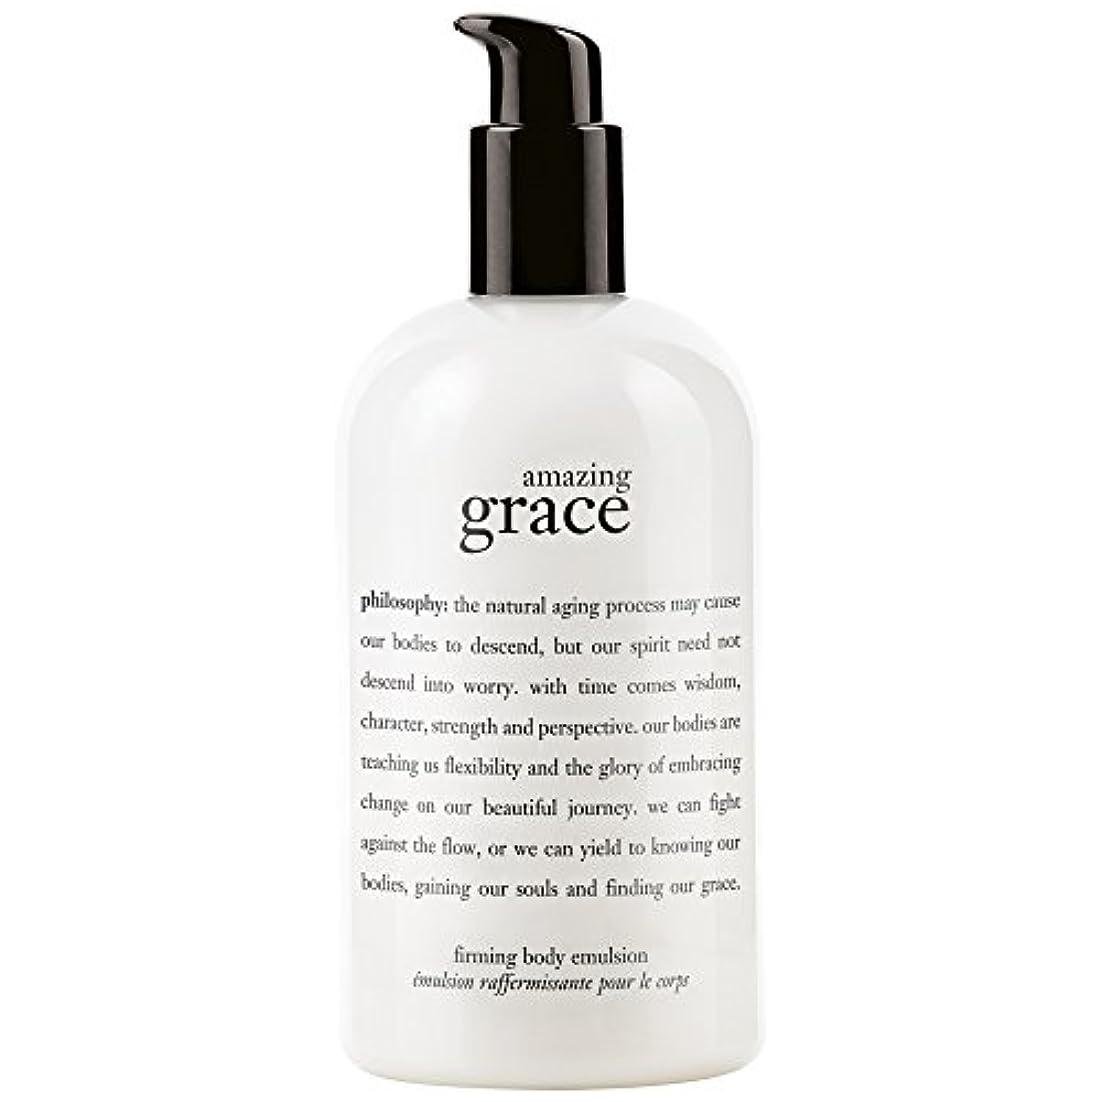 傀儡ドラム欠伸哲学驚くべき恵み引き締めボディエマルジョン480ミリリットル (Philosophy) (x2) - Philosophy Amazing Grace Firming Body Emulsion 480ml (Pack...